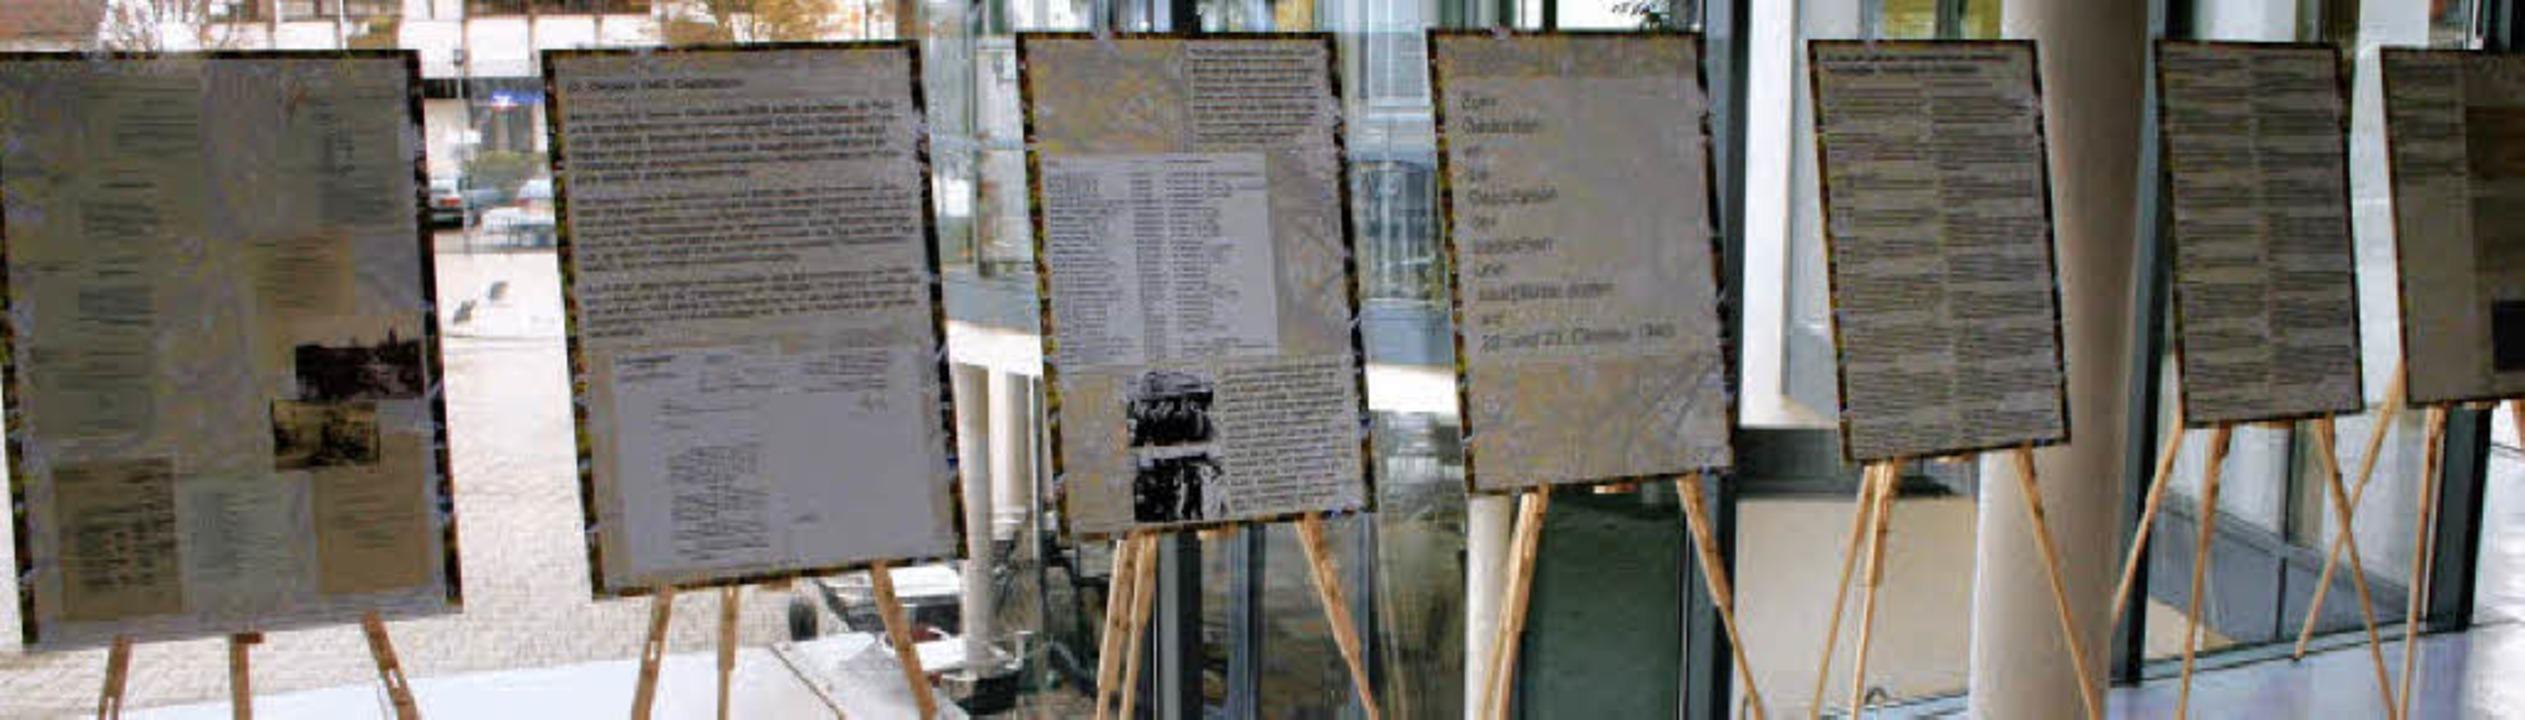 Im Rathaus-Foyer dokumentiert eine Aus...ner Juden während der Nazi-Herrschaft.  | Foto: Reinhard Cremer